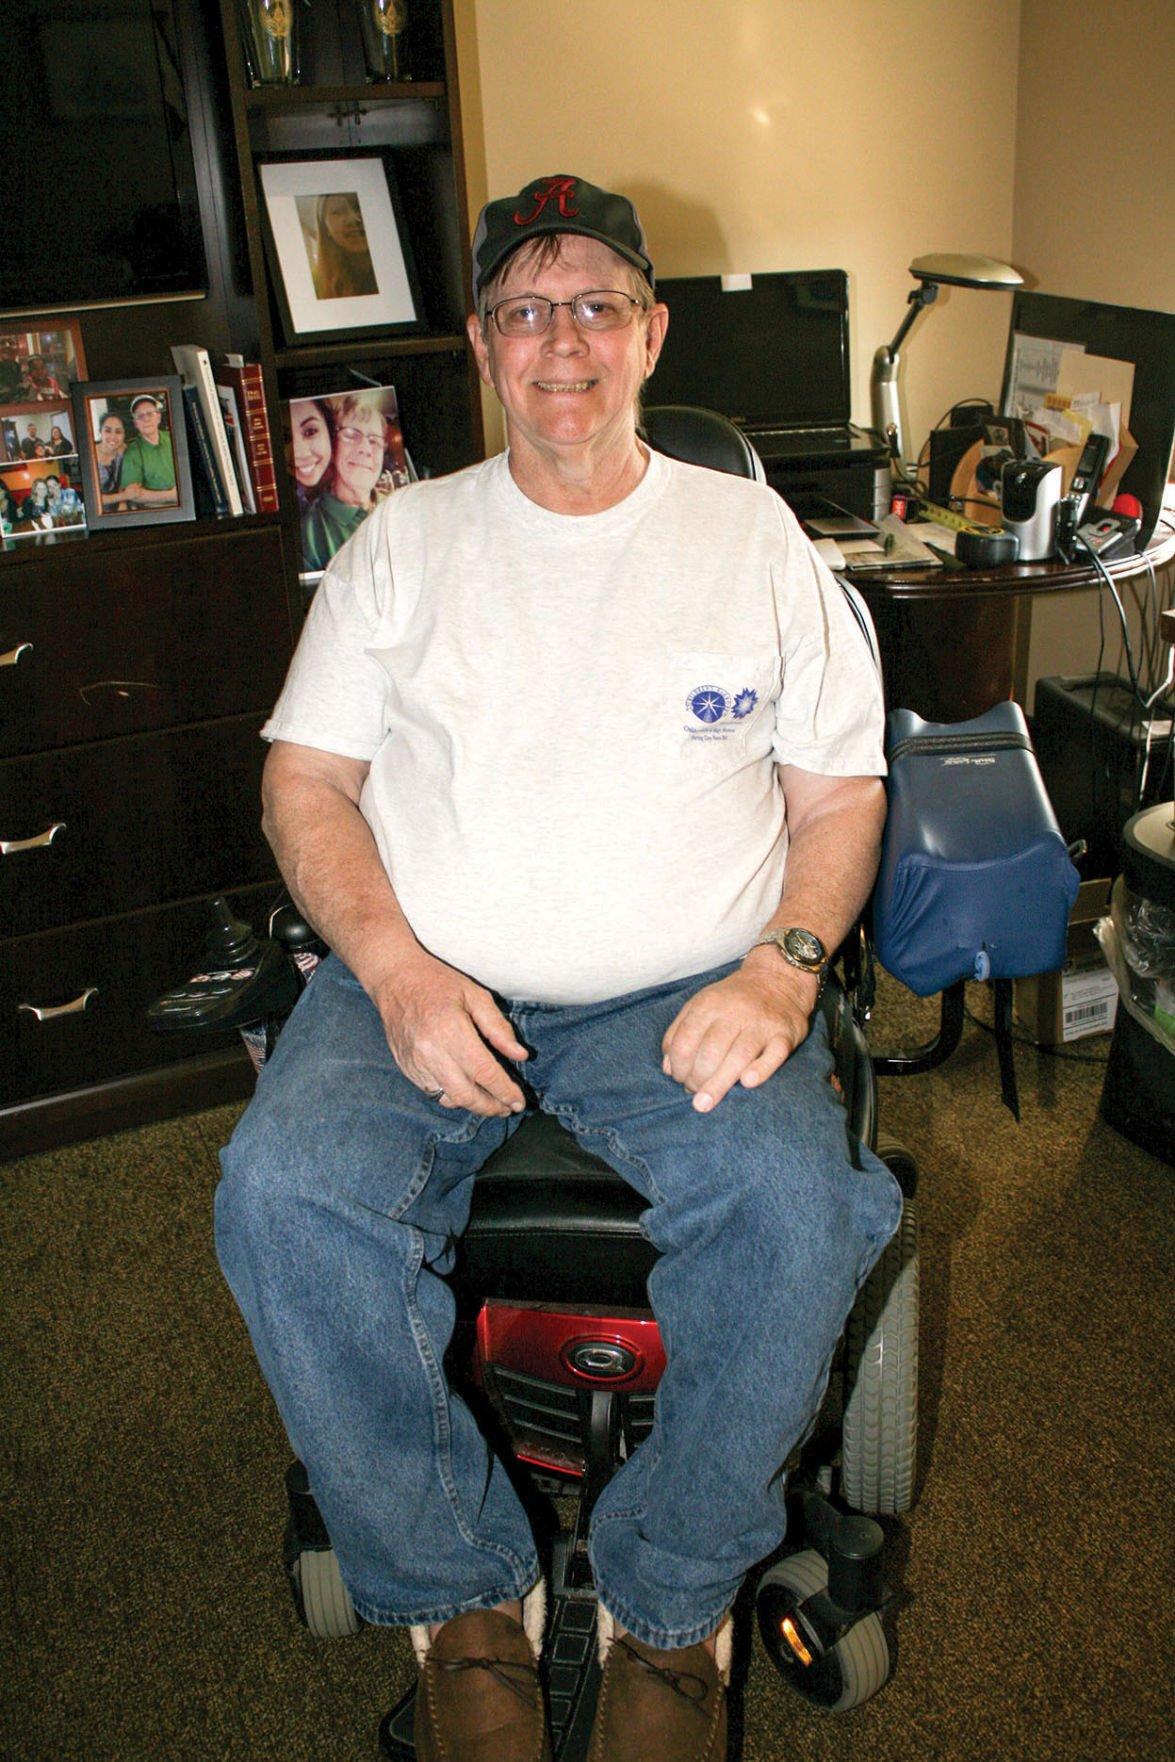 Col. Robert L. Howard State Veterans Home resident Richard Thompson